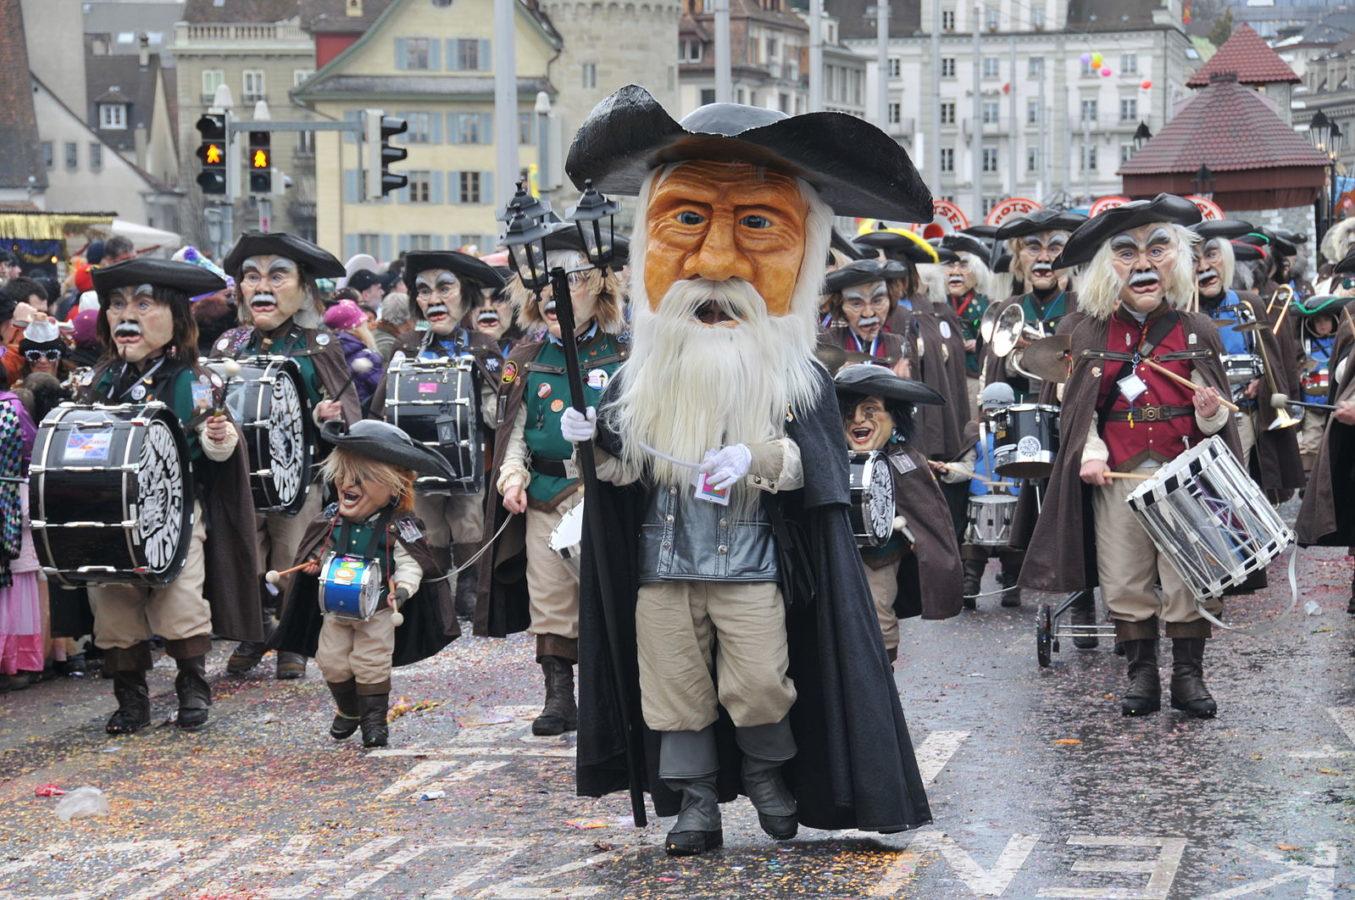 瑞士節慶|盧森狂歡節Fasnacht